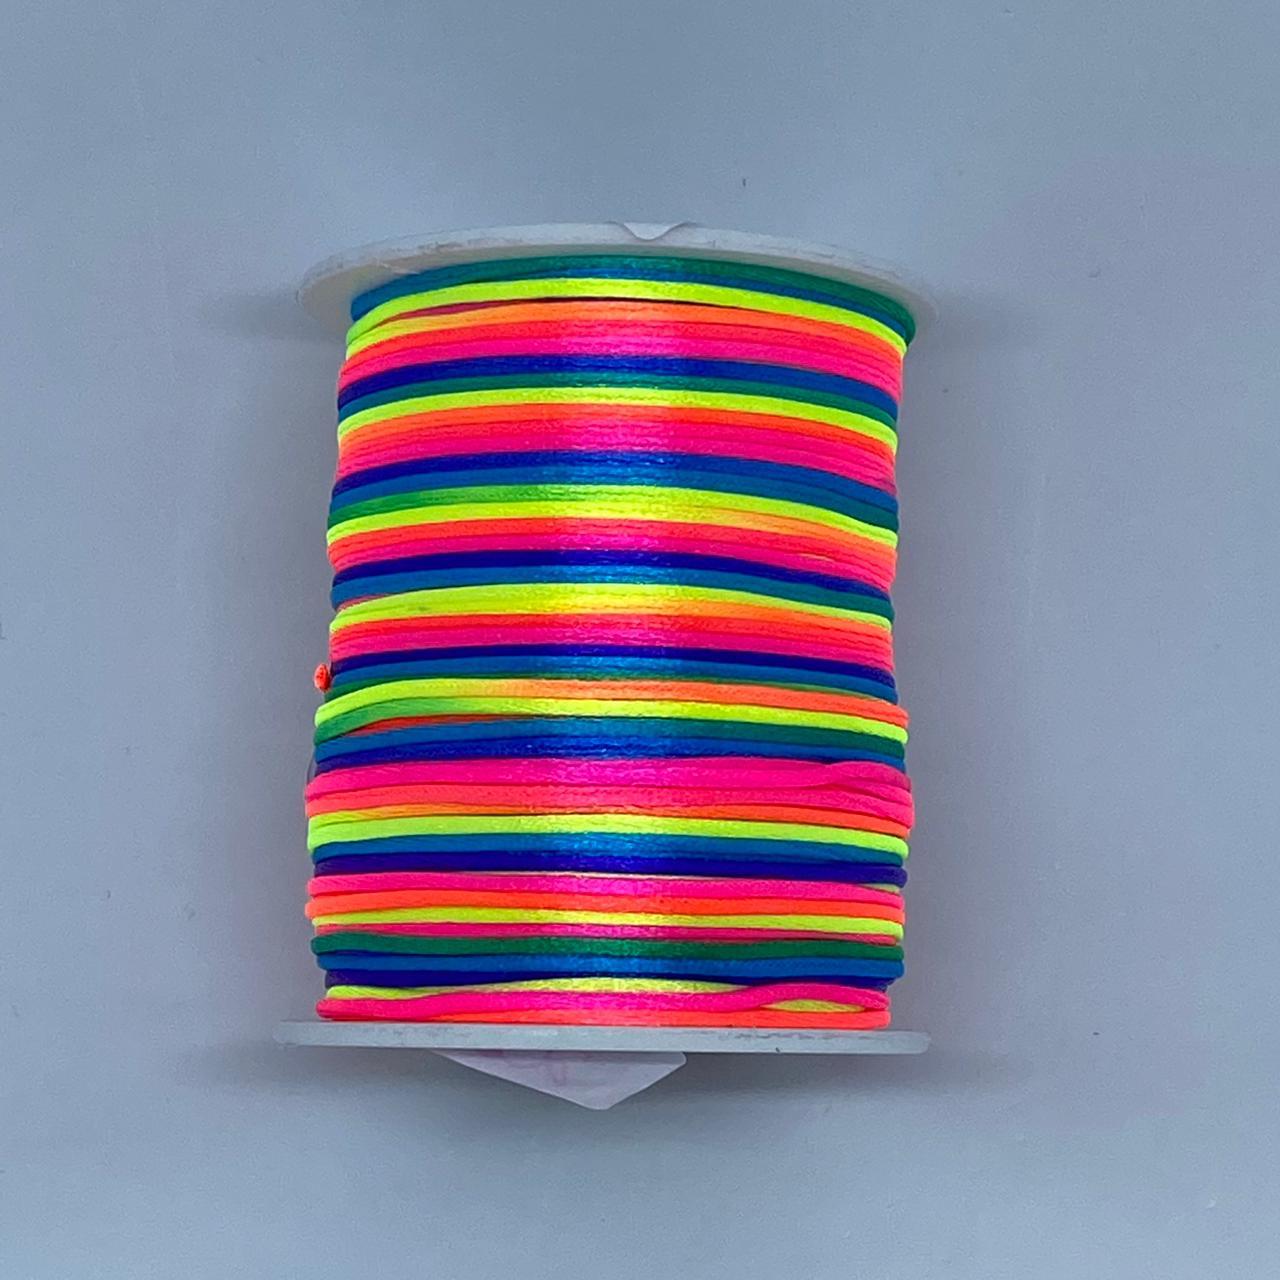 Fio de seda multicolor c/ 10 metros 1mm